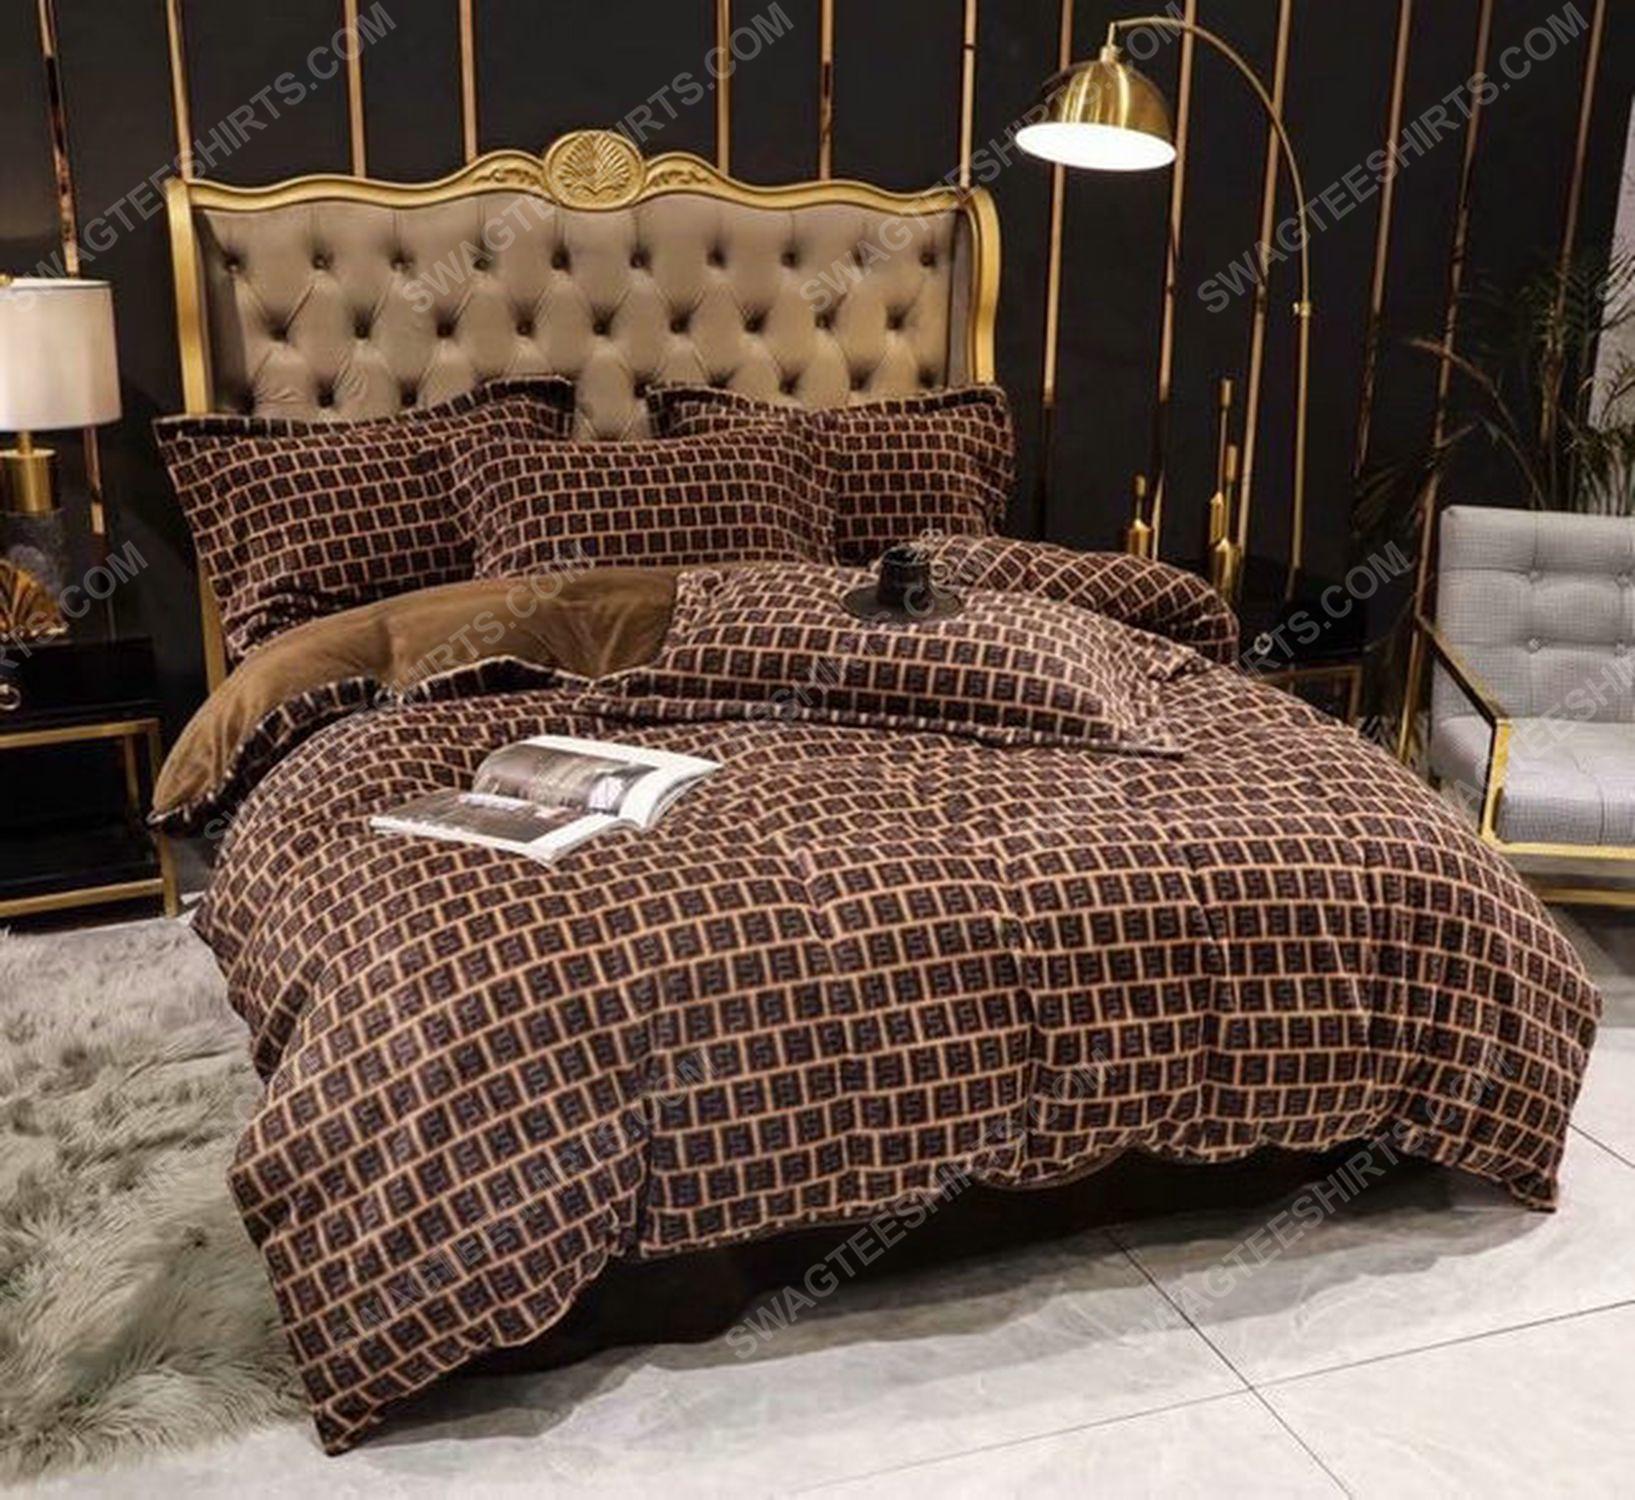 Fendi monogram symbols full print duvet cover bedding set